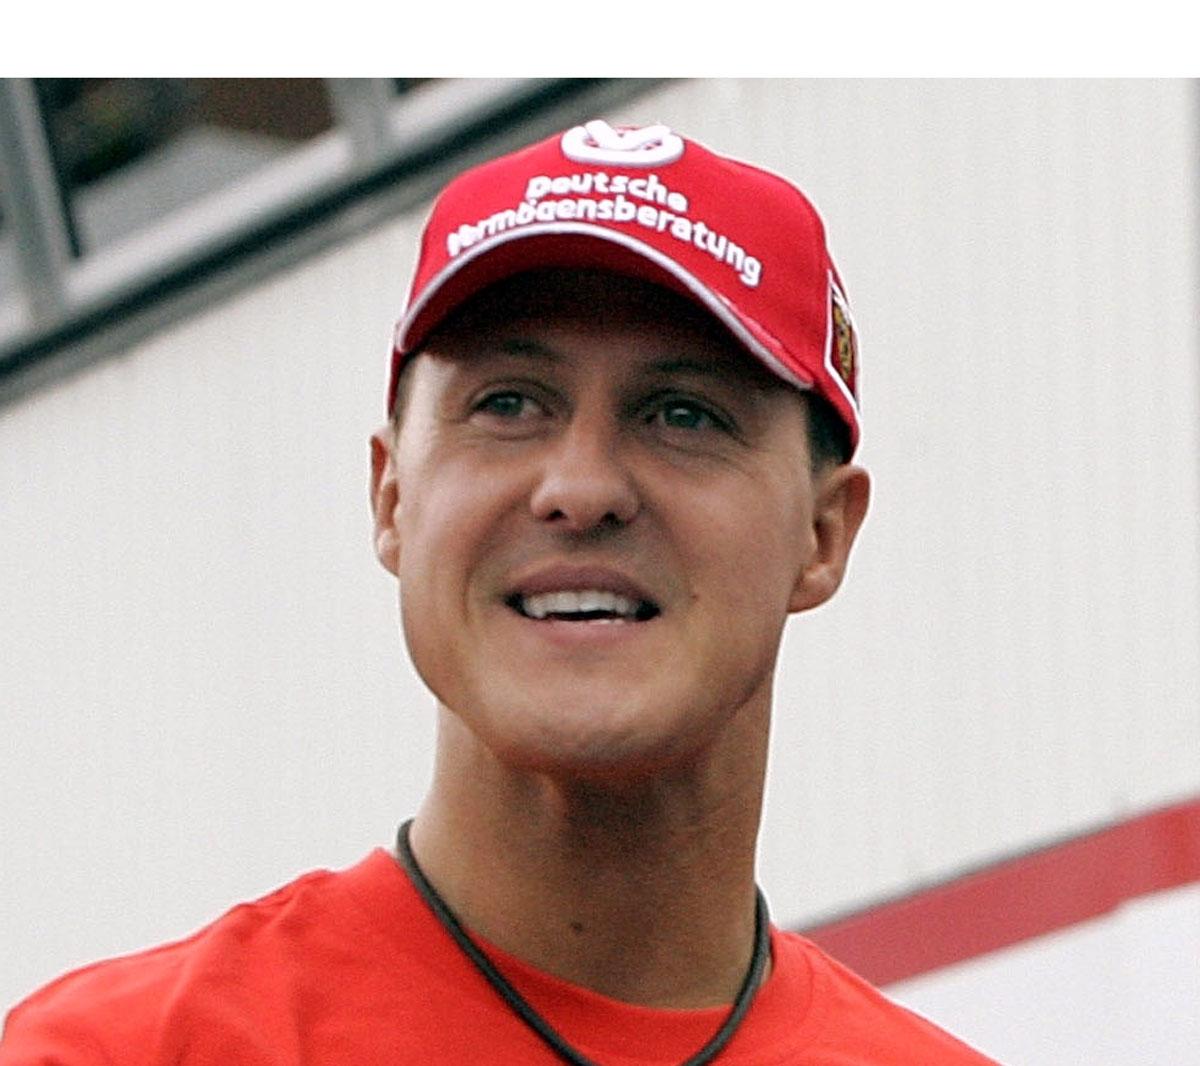 Bilder Michael Schumacher